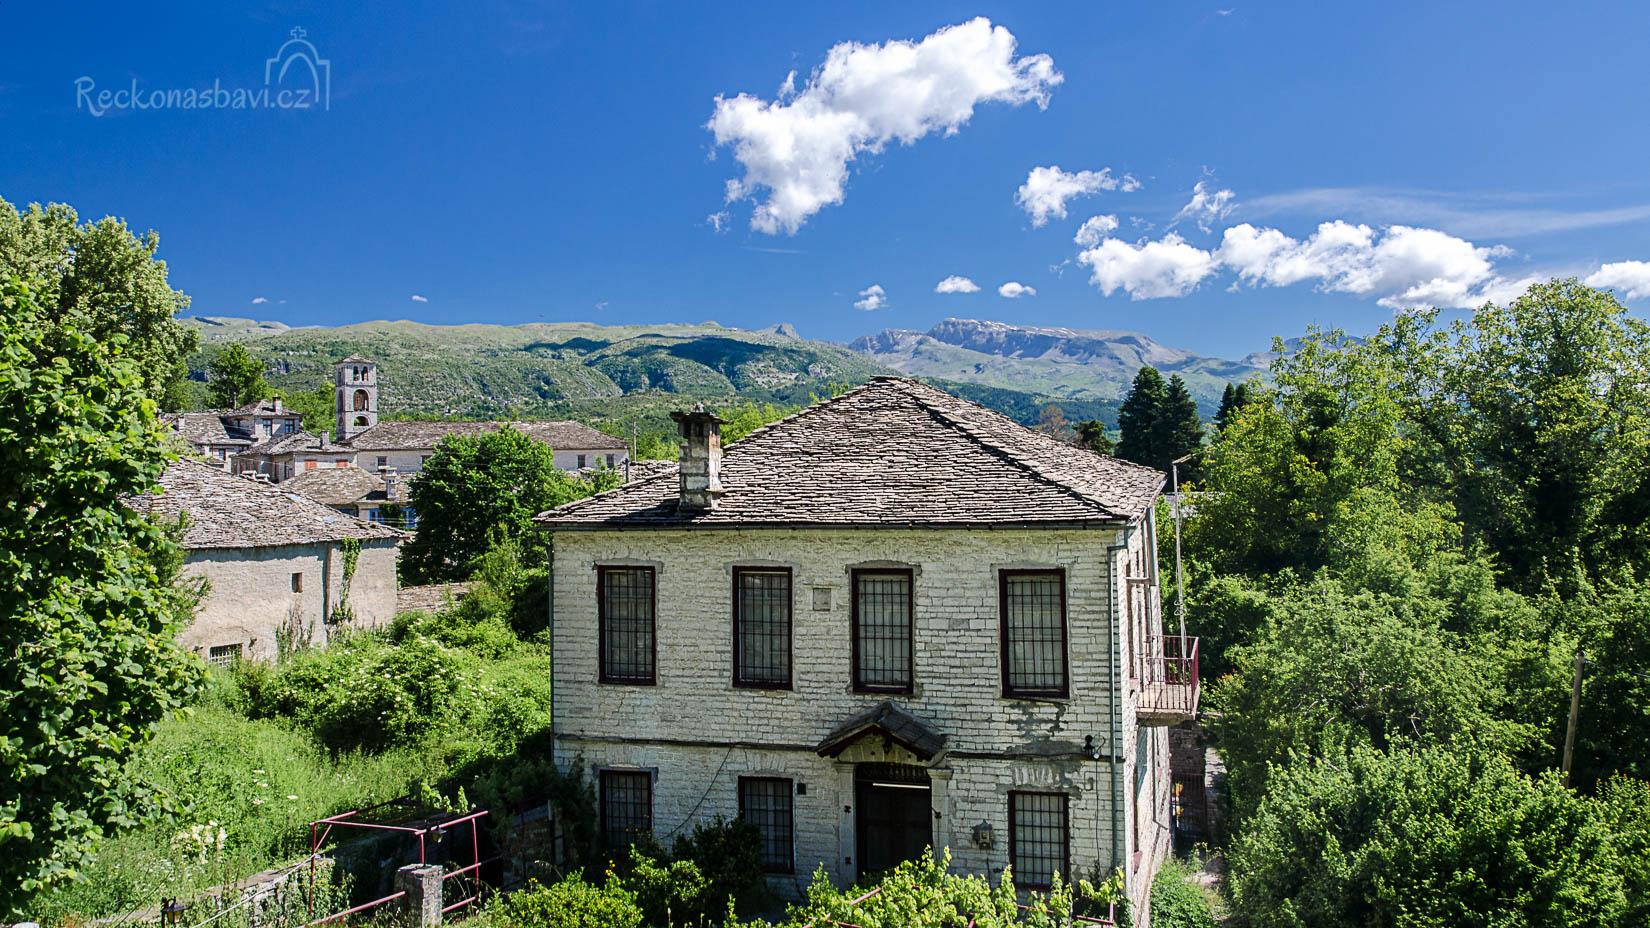 Dilofo leží na dvou kopcích v 880 m n.m. Při pohledu z vesnice uvidíte na obzoru začátek kaňonu Vikos i pohoří Tymfi se zbytky sněhu...